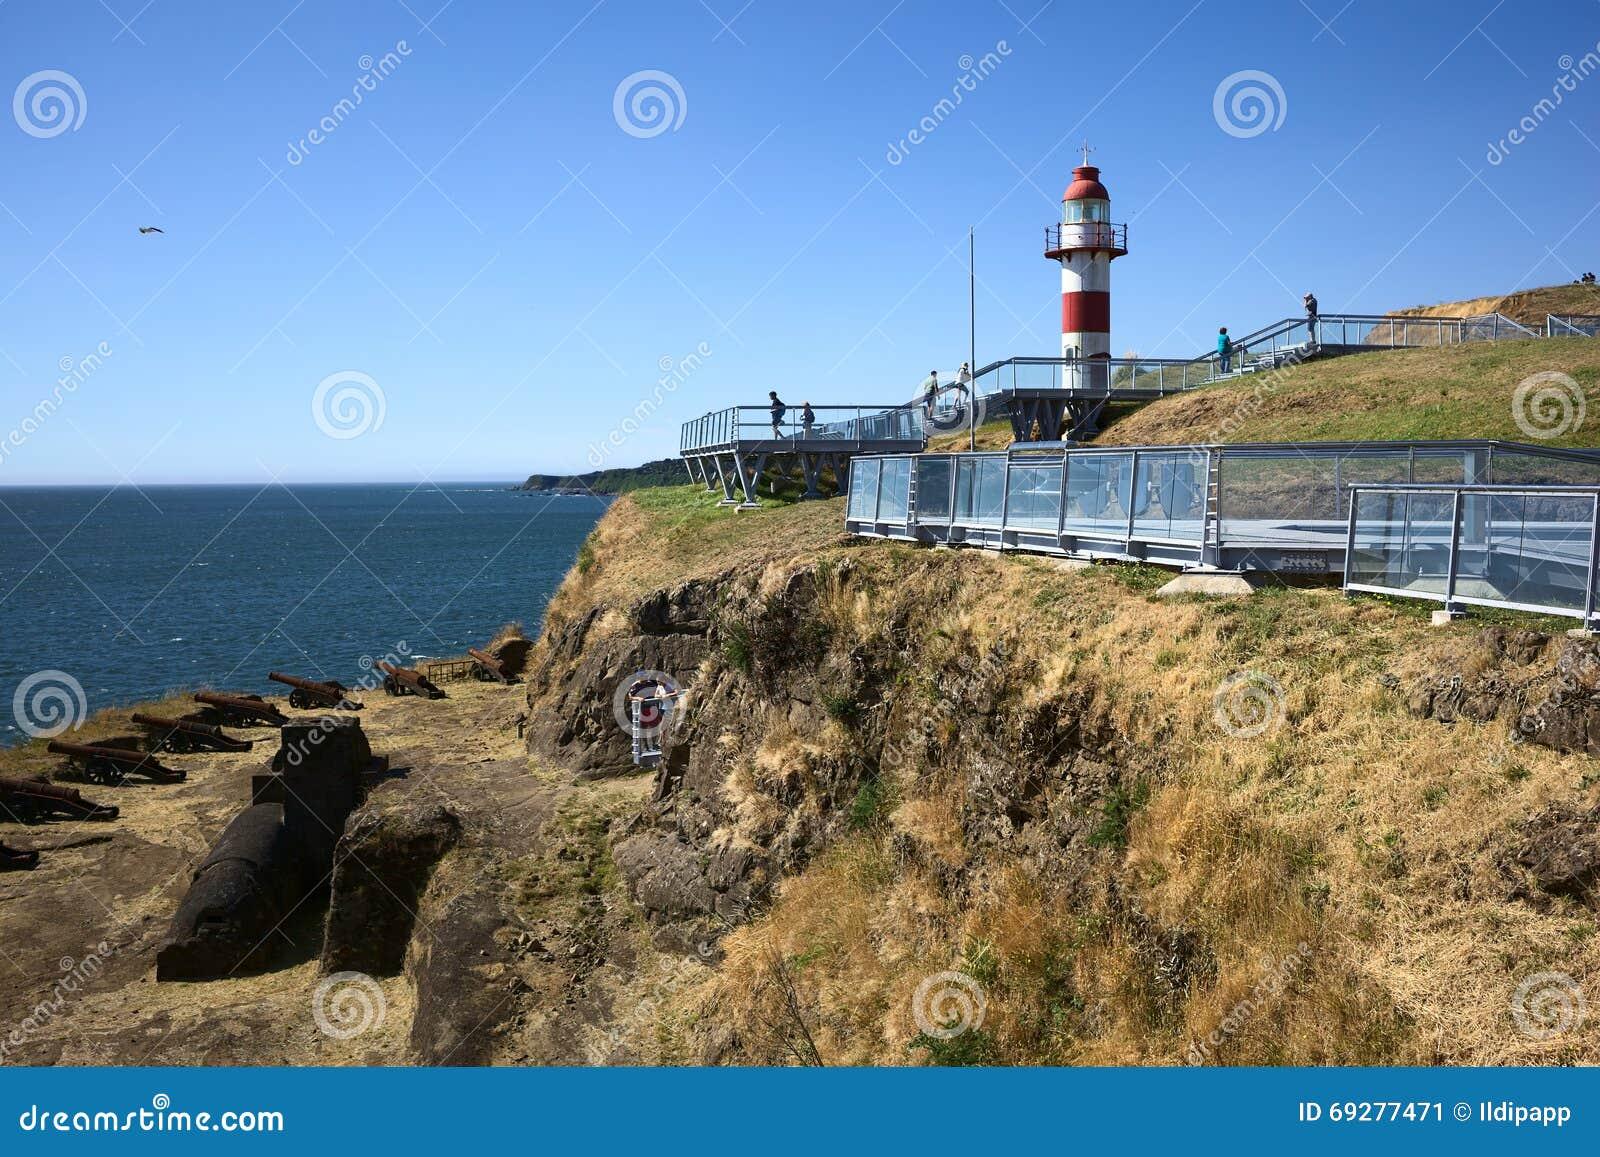 Faro del fuerte en niebla chile foto editorial imagen - Bater roca precios ...